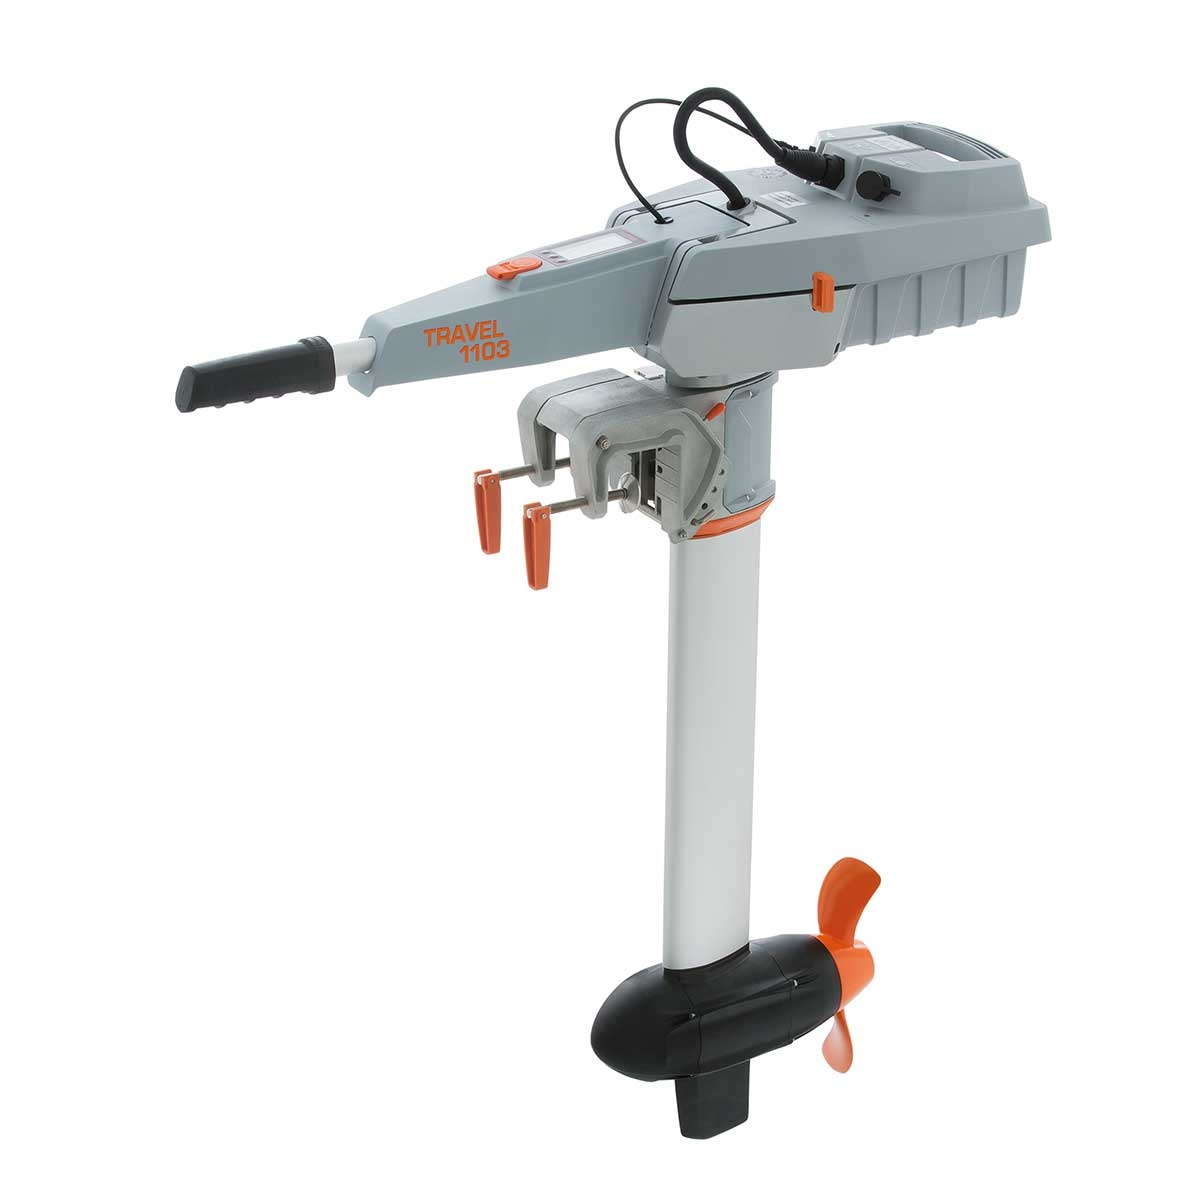 Torqeedo TORQEEDO ELECTRIC OUTBOARD SHORT SHAFT 1103 CS